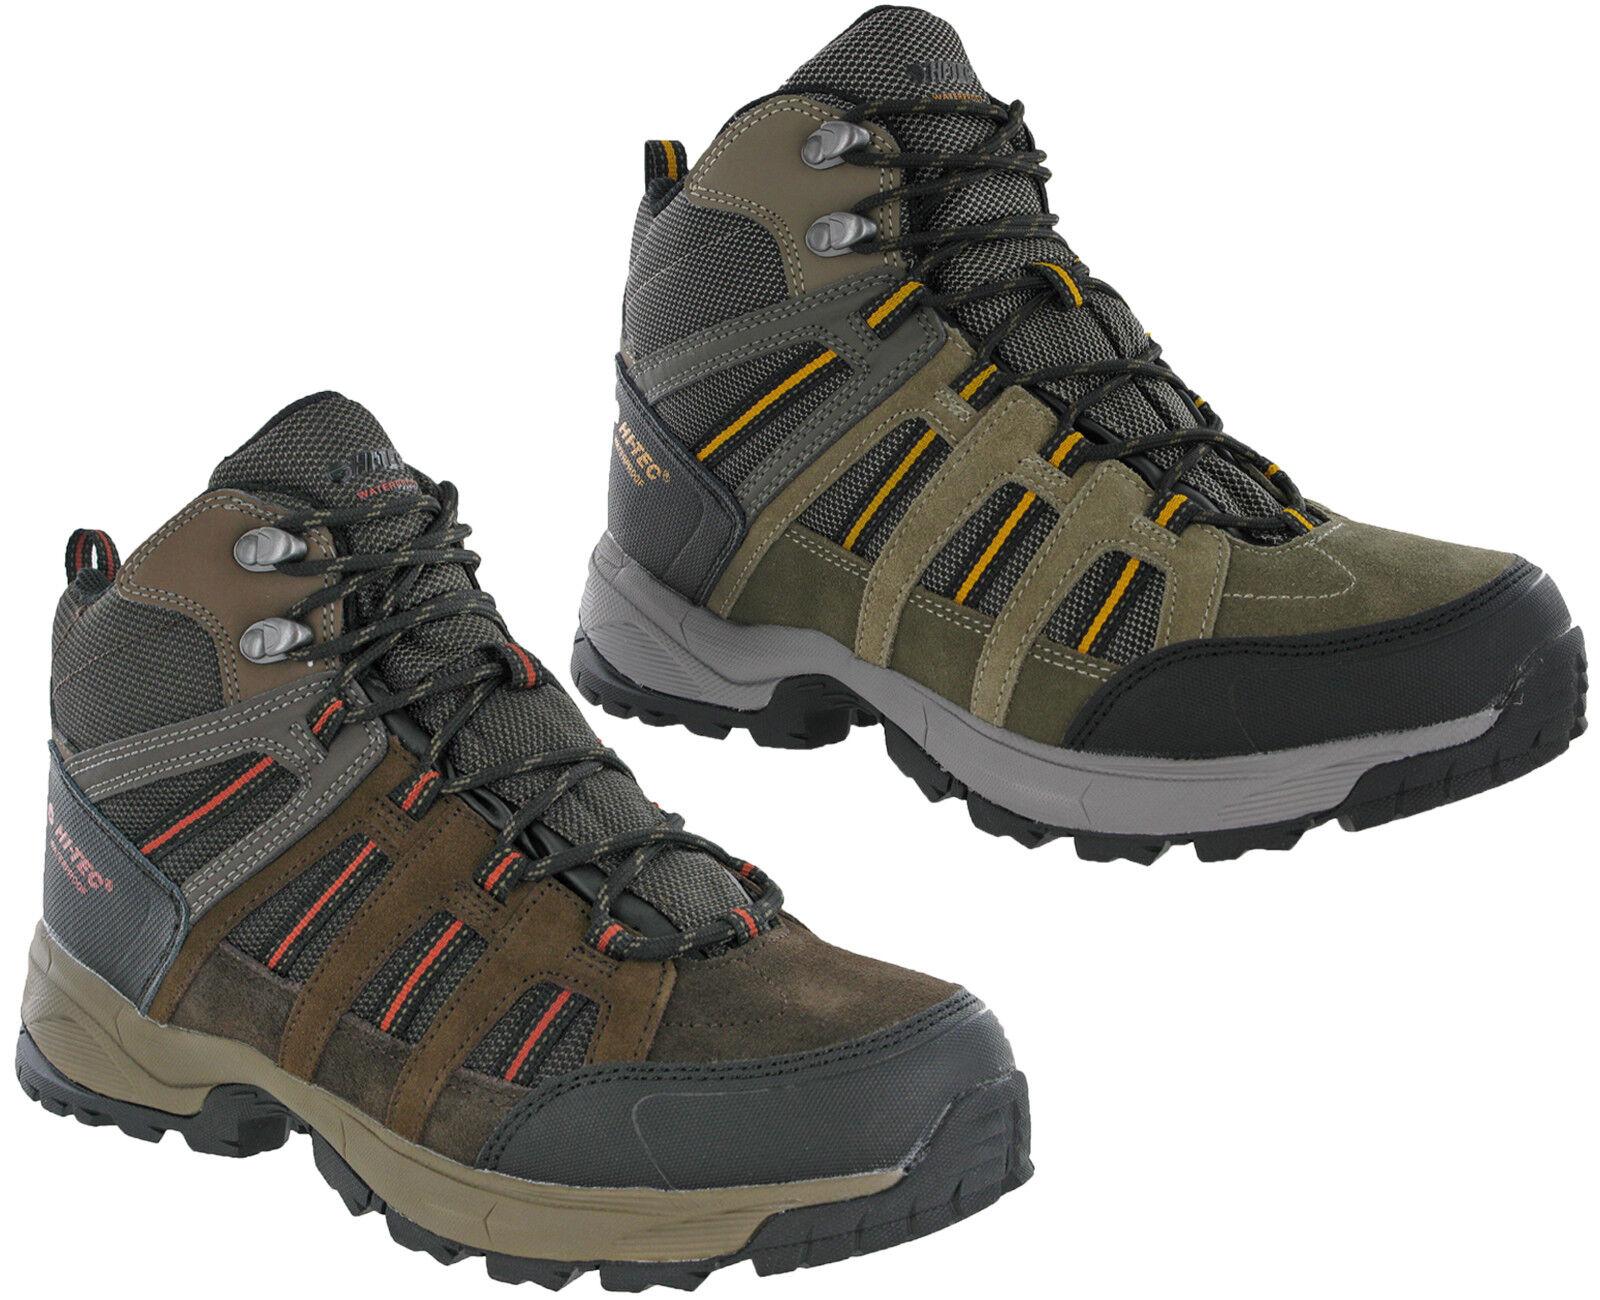 HiTec Garcia Garcia Garcia Sport Stivali Impermeabili Da Passeggio Escursioni Trail Linea Uomo Sautope da Trekre e1a